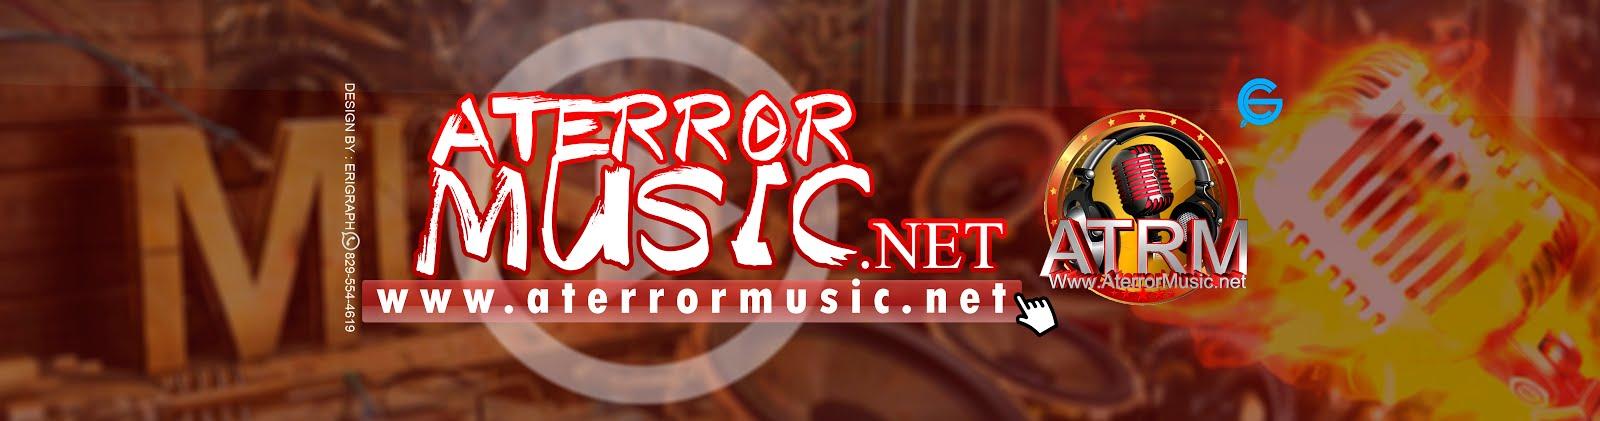 AterrorMusic.com